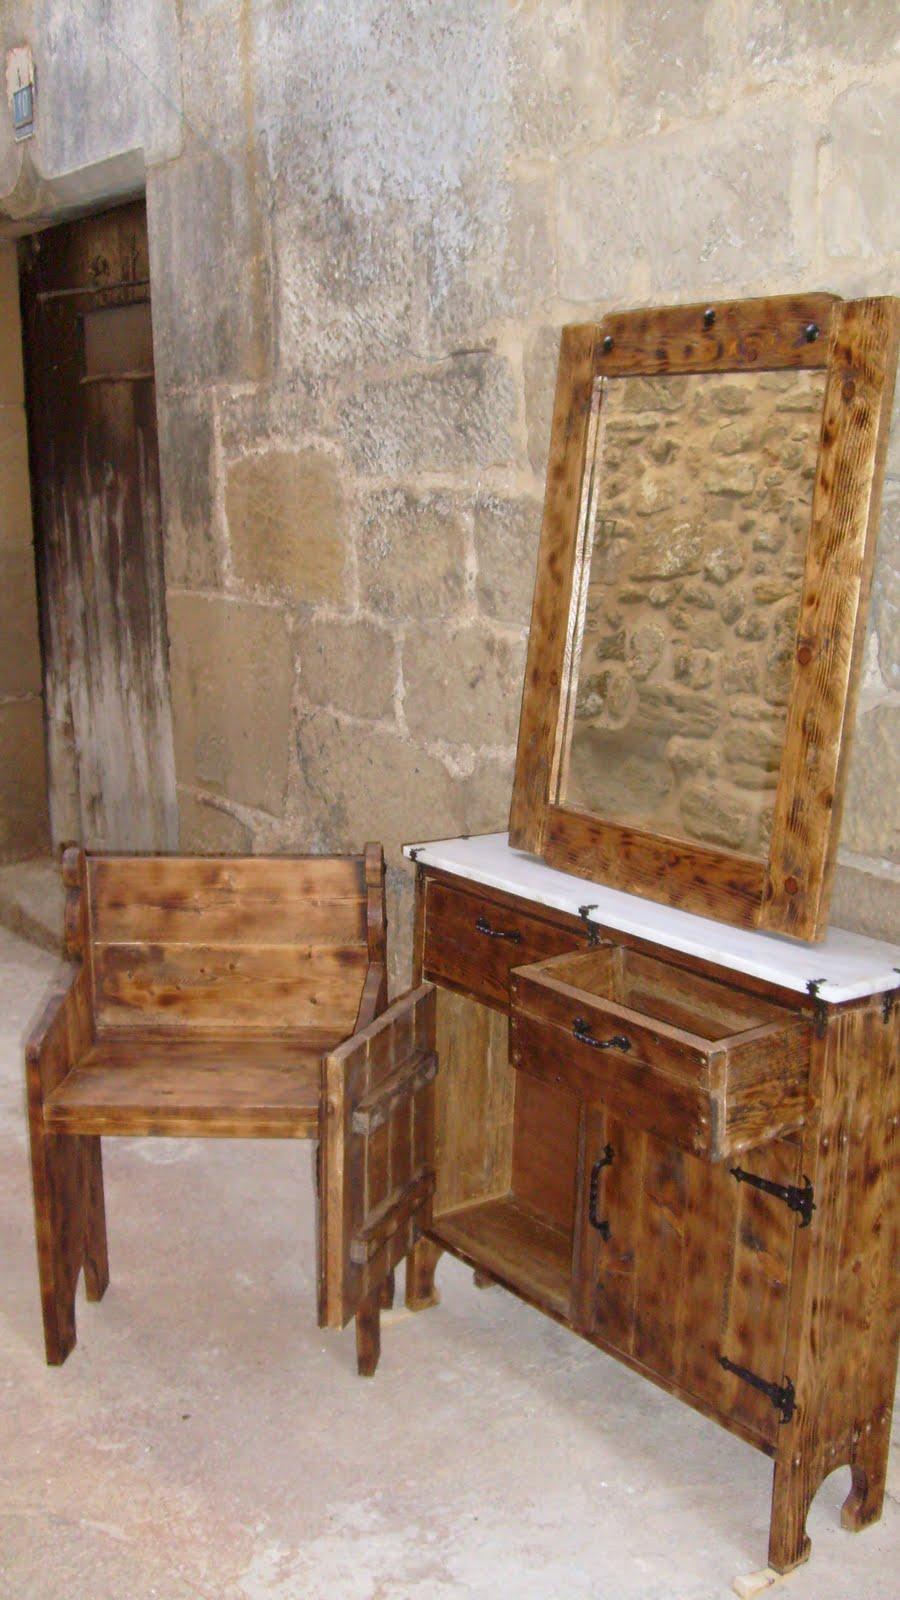 muebles de antes BANCO, ESPEJO Y MUEBLE RECIBIDOR